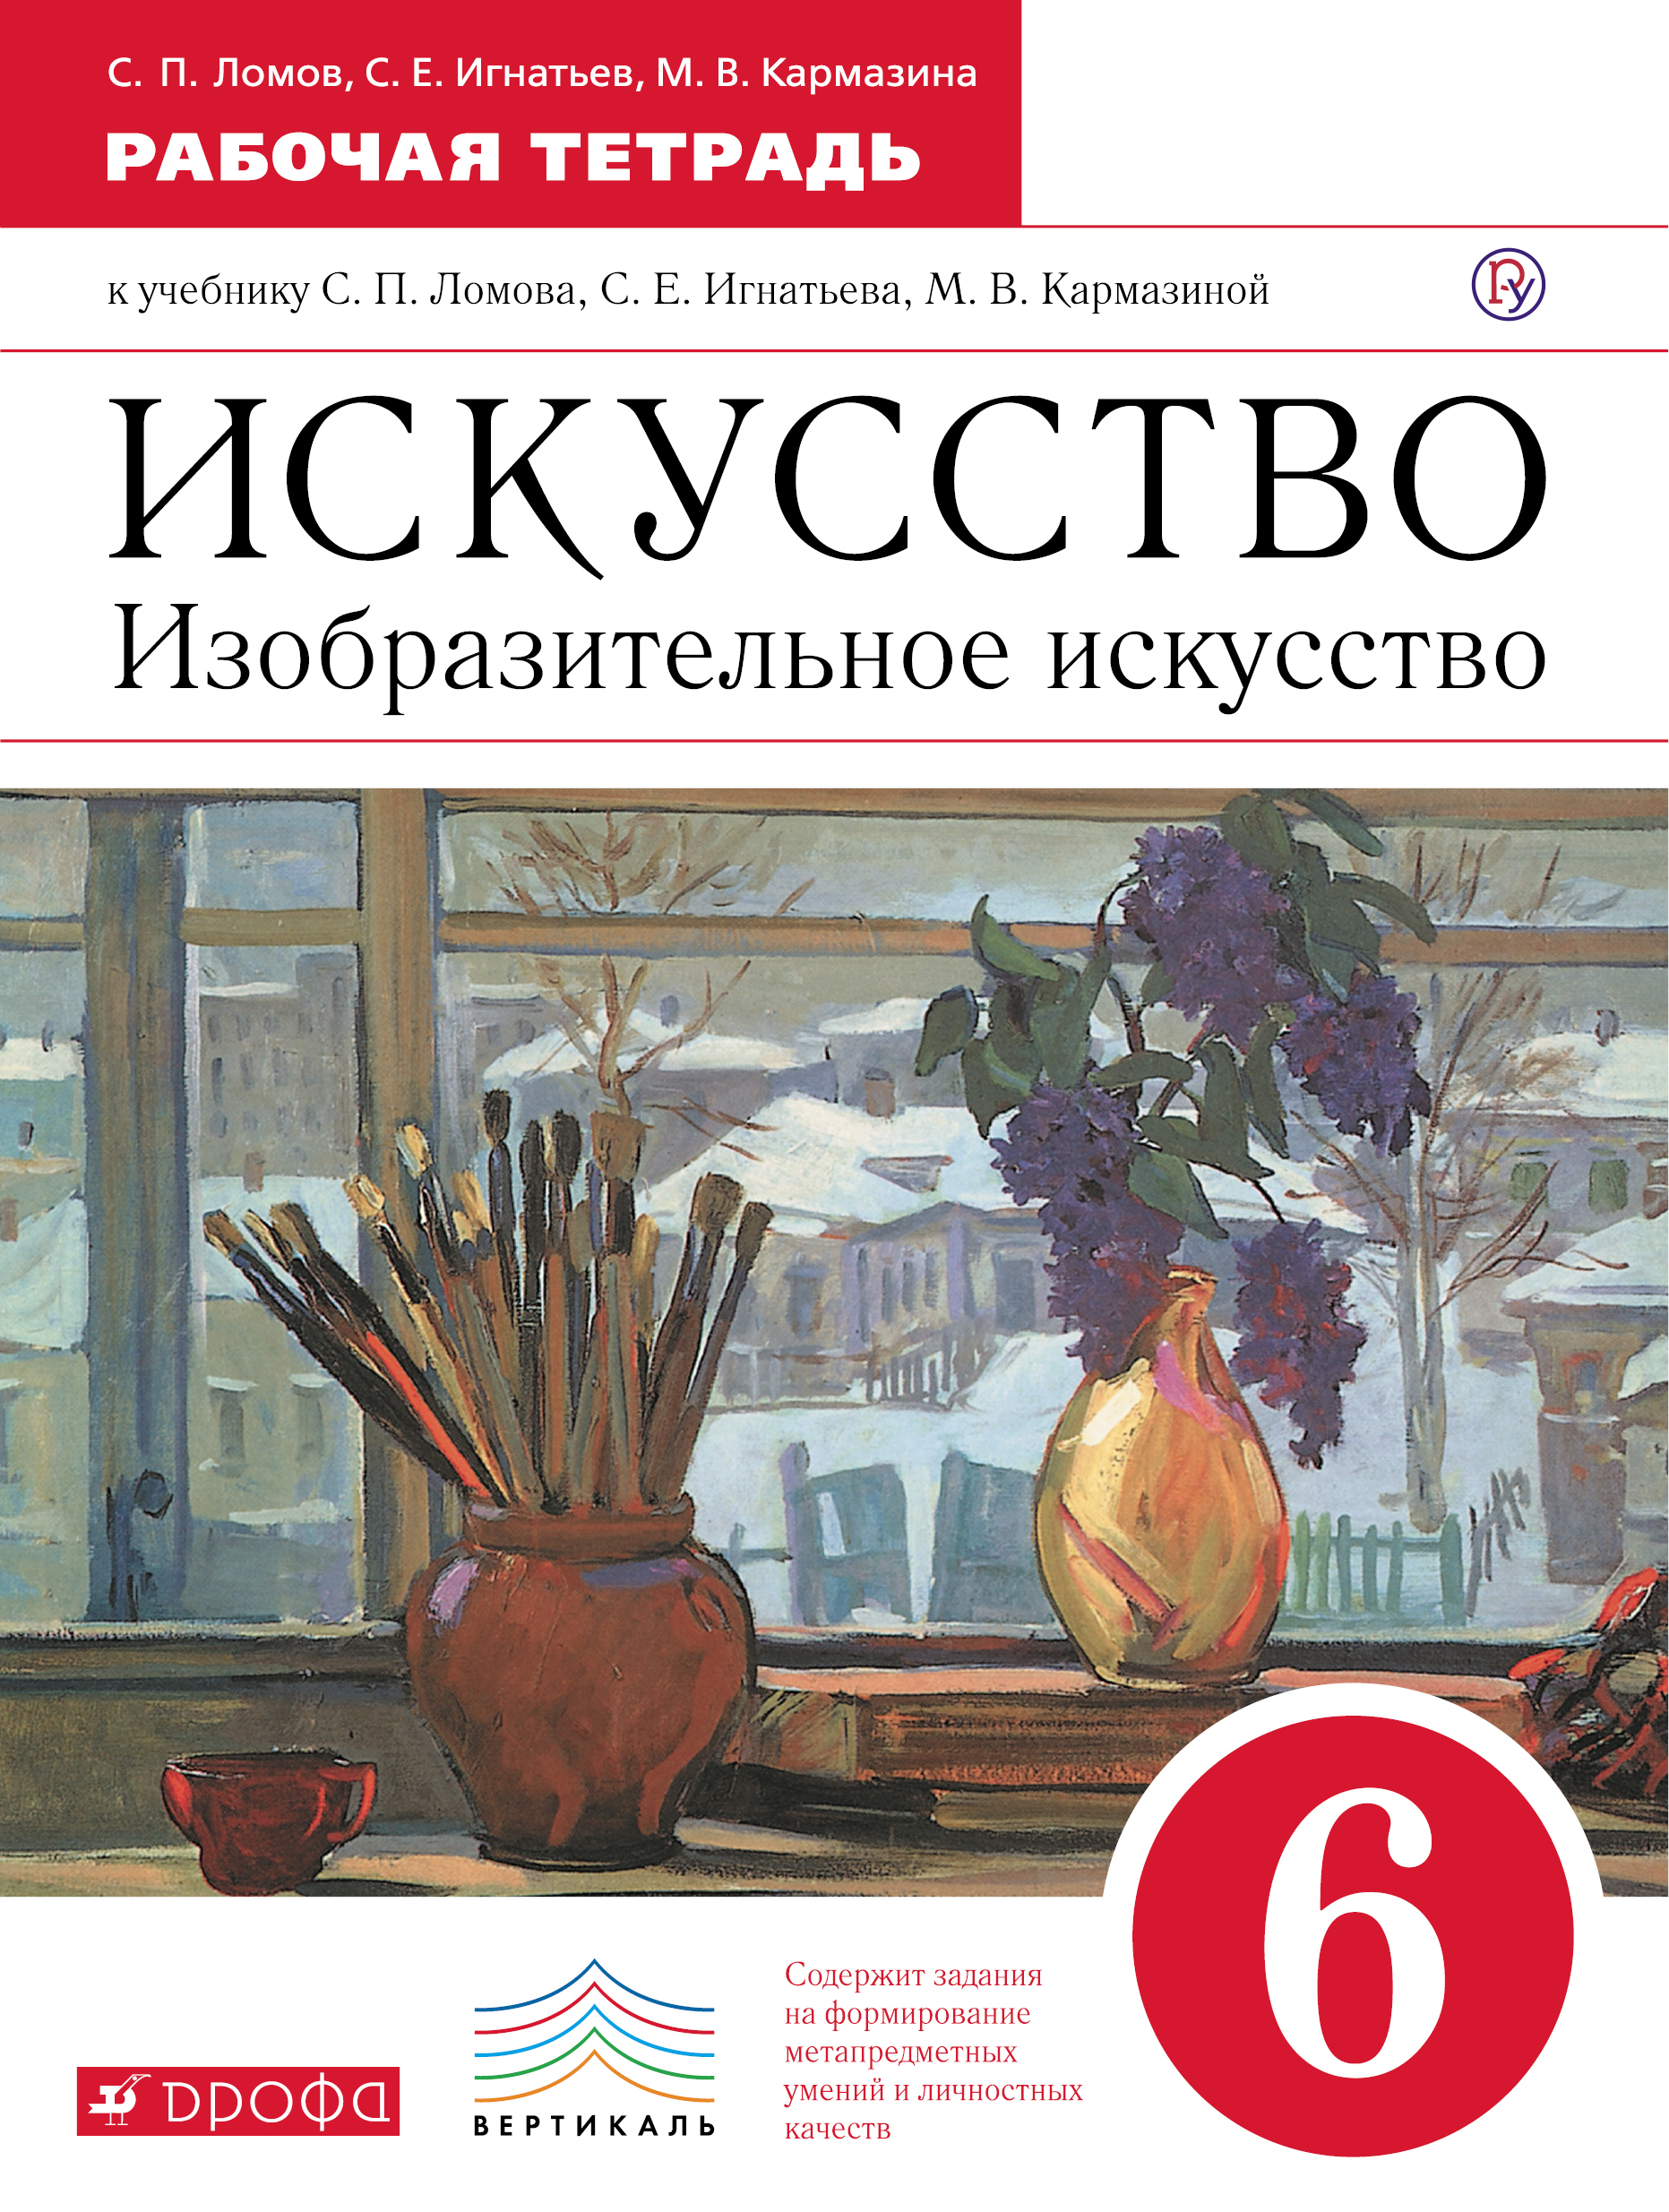 Изобразительное искусство. 6 класс. Рабочая тетрадь ( Ломов С.П., Игнатьев С.Е., Кармазина М.В.  )